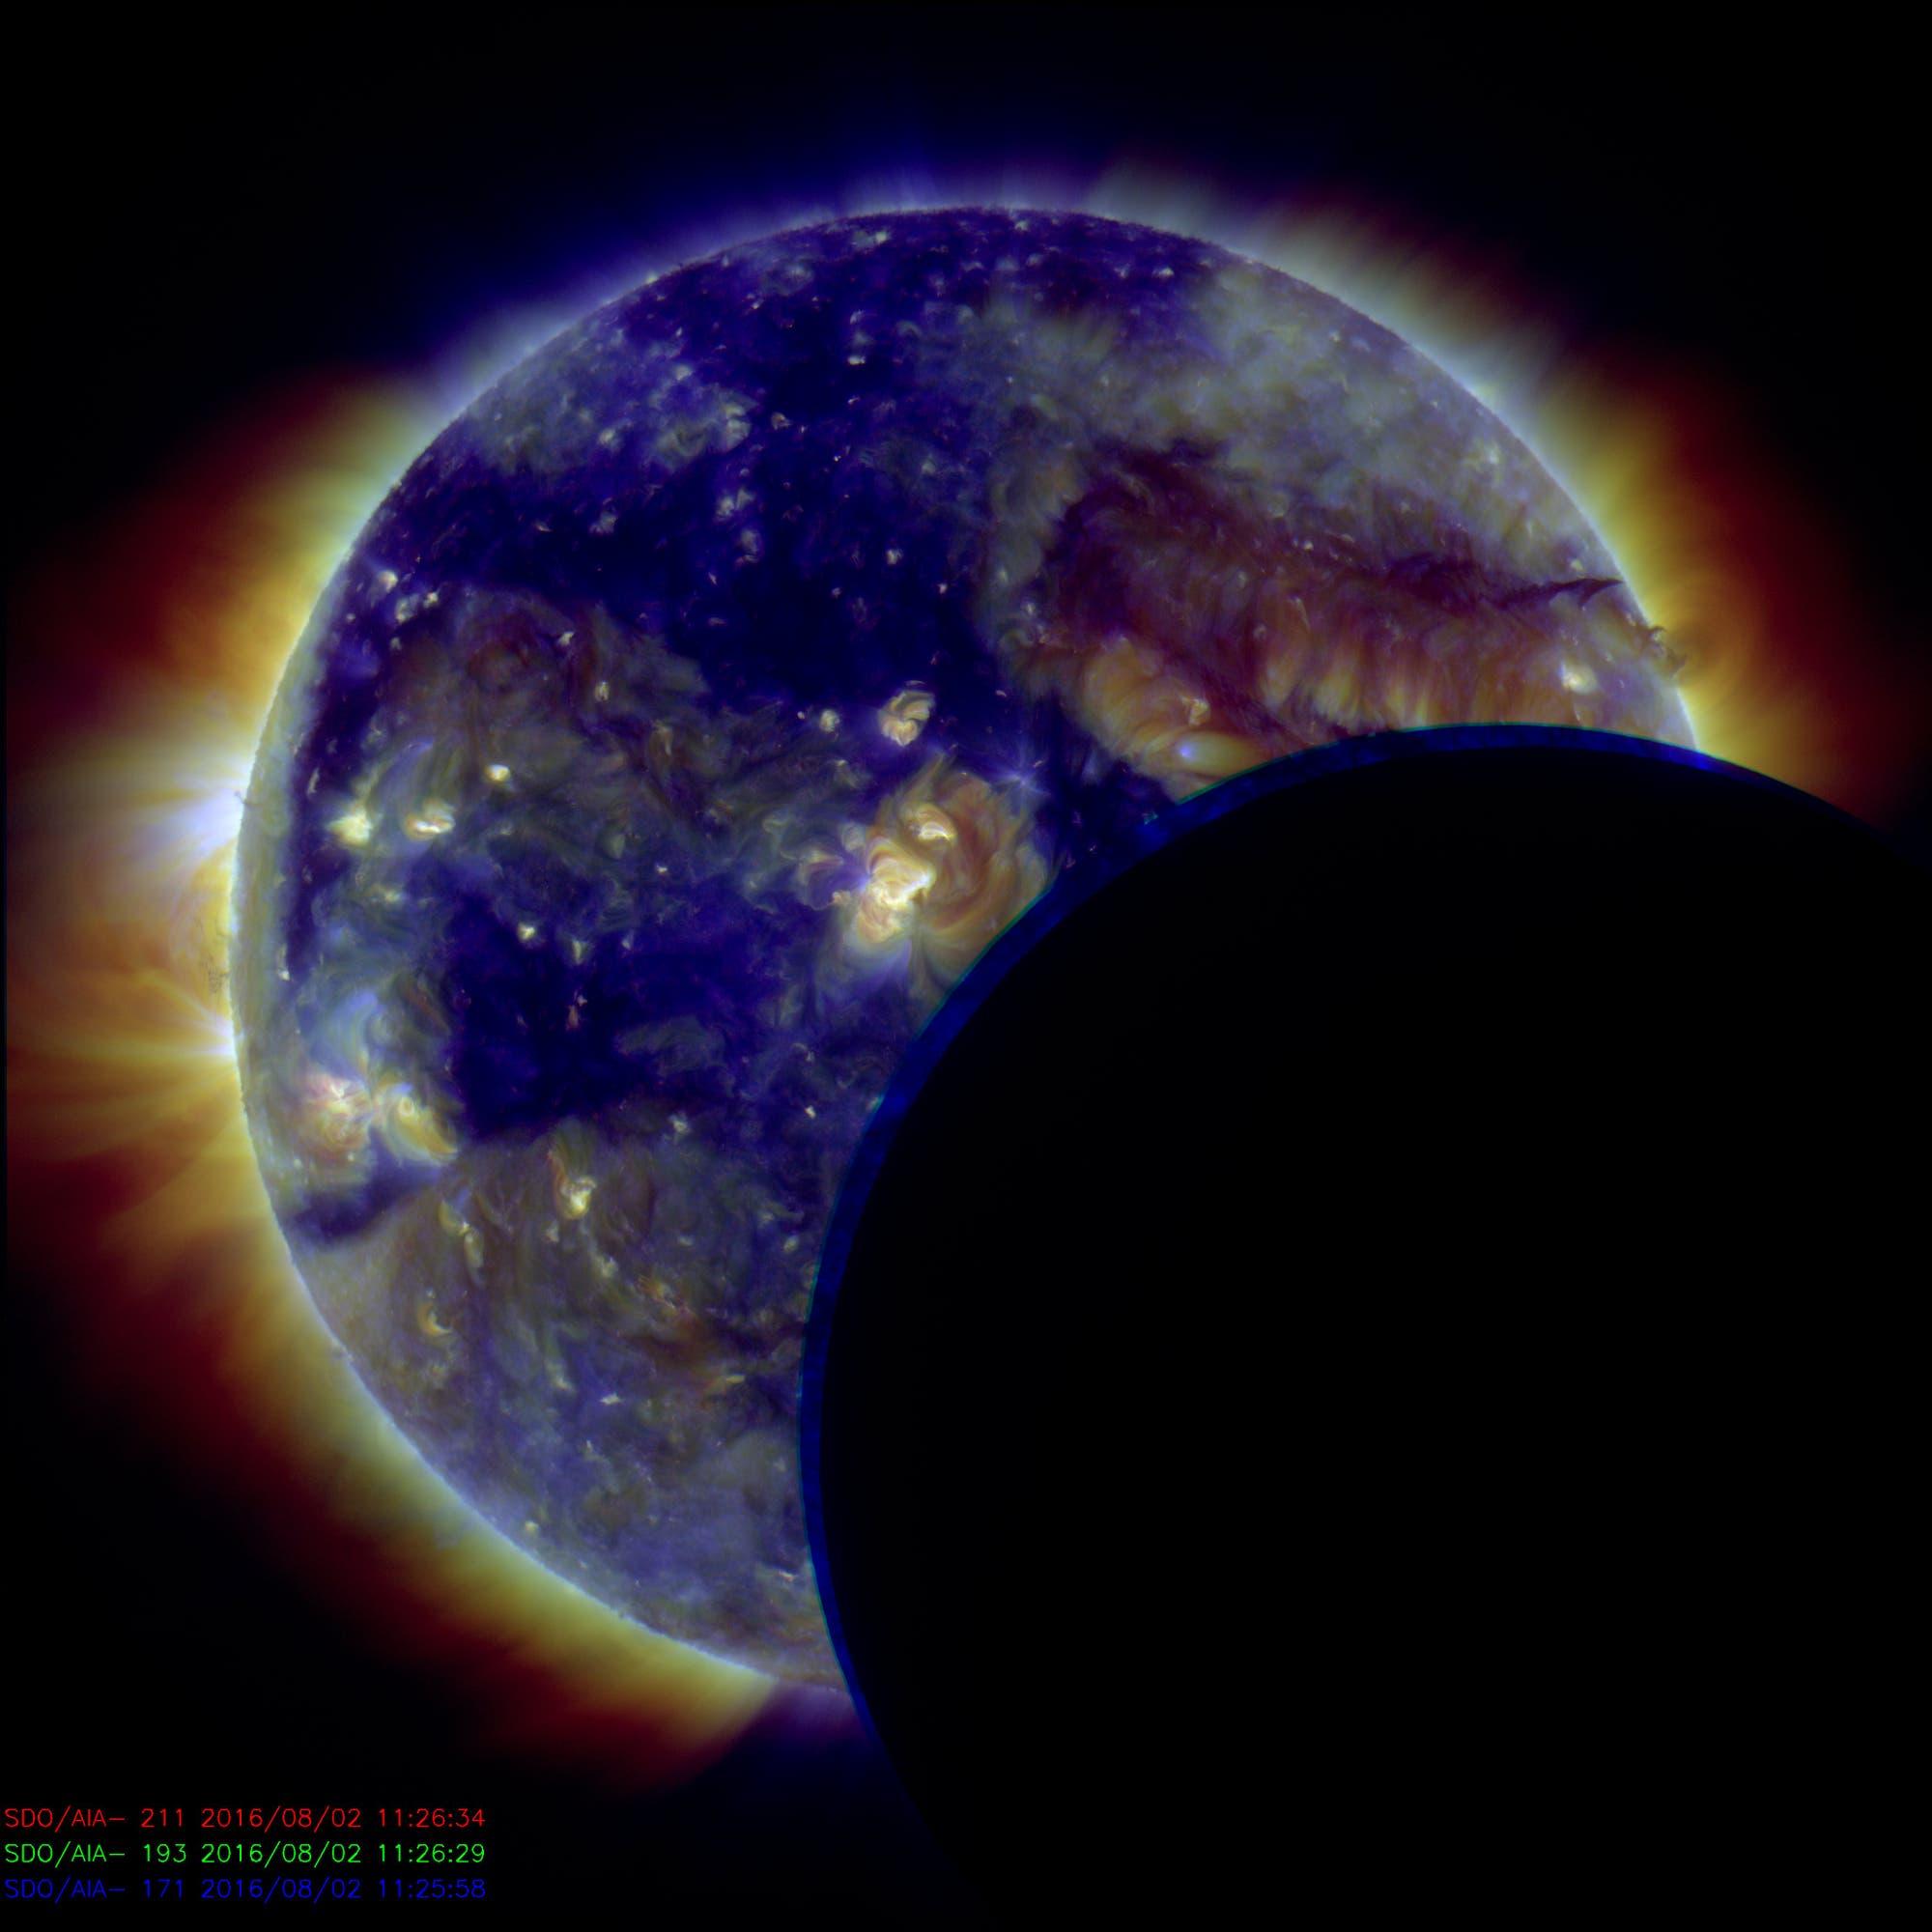 Sonne, Mond und Krone